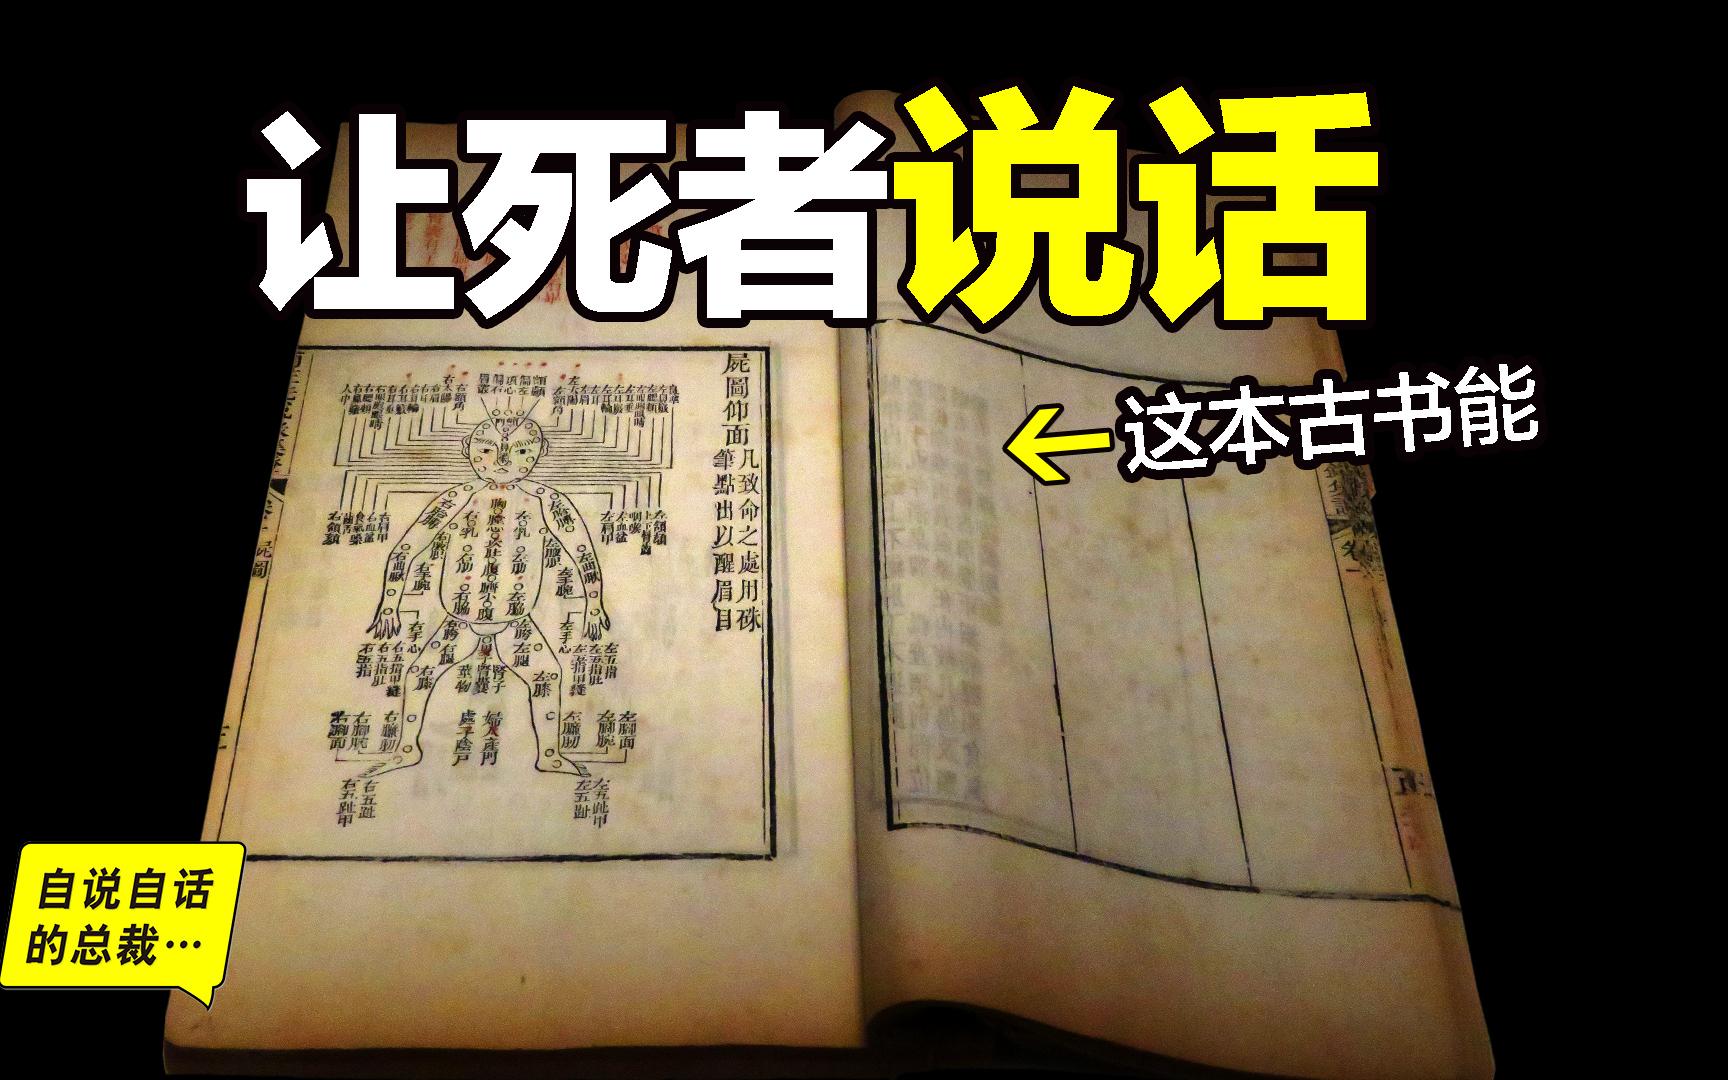 洗冤录:能让死者说话的书,它是轰动欧洲的中国古书